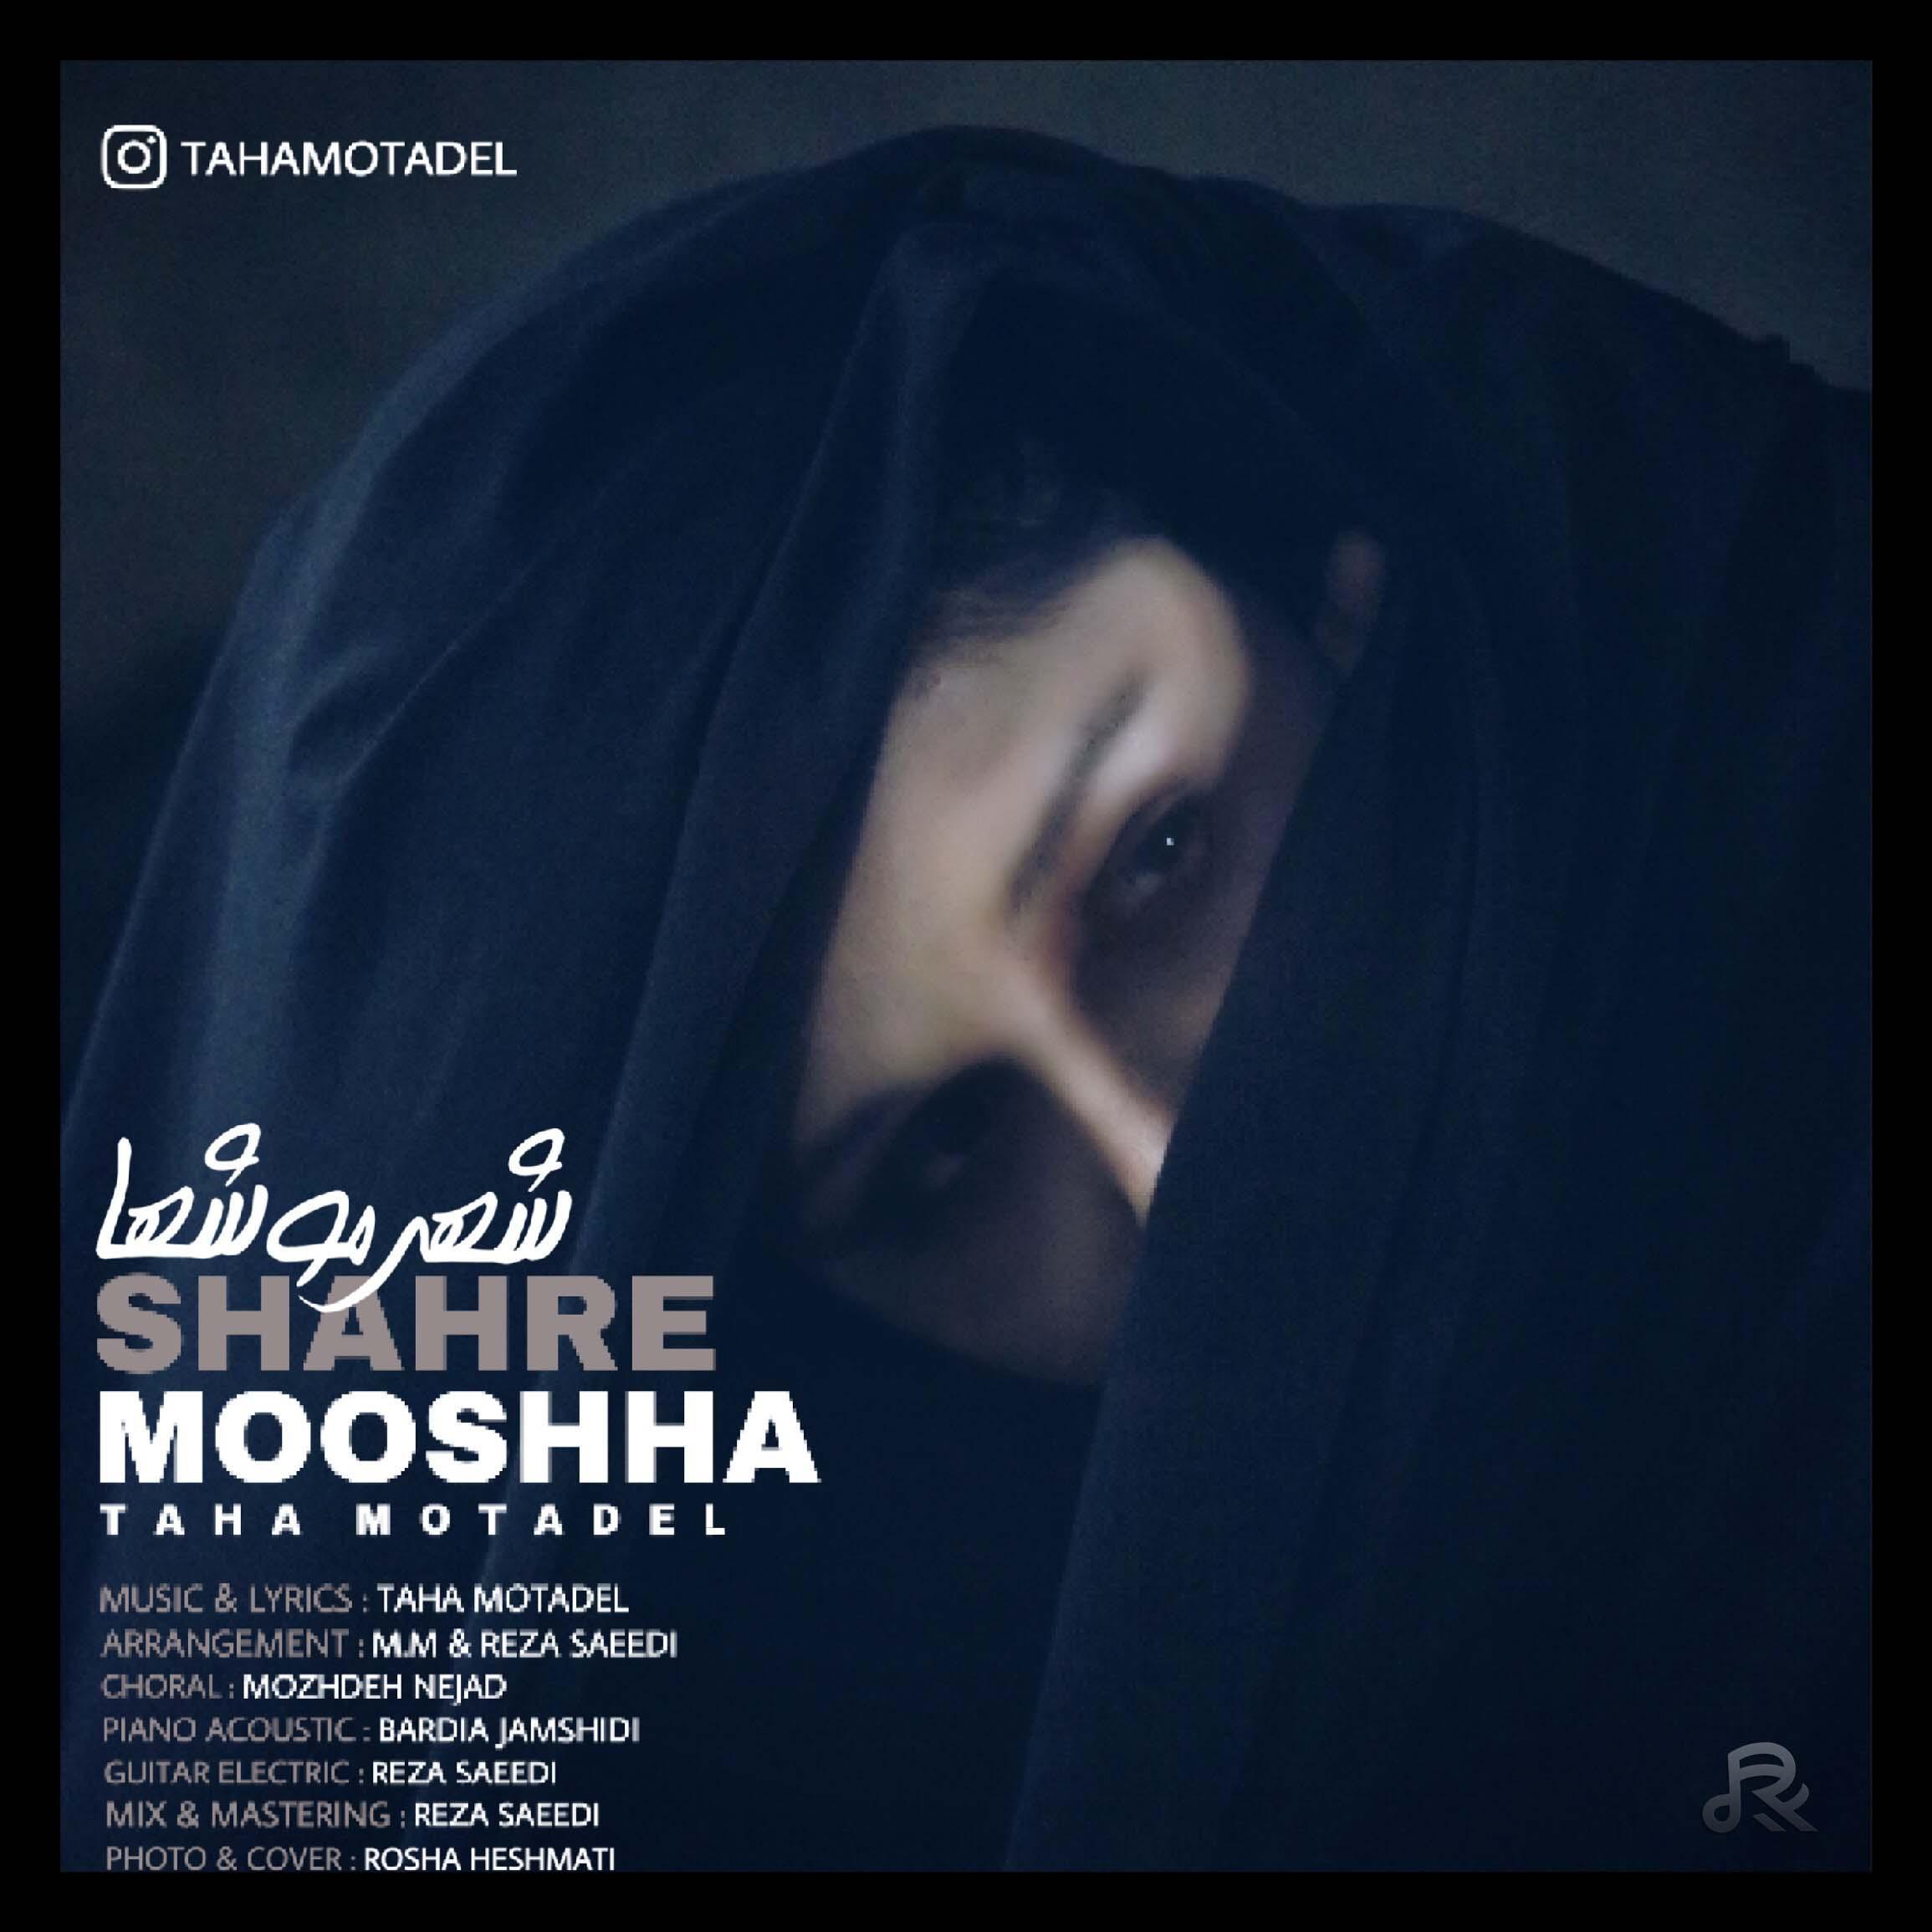 Shahre Mooshha